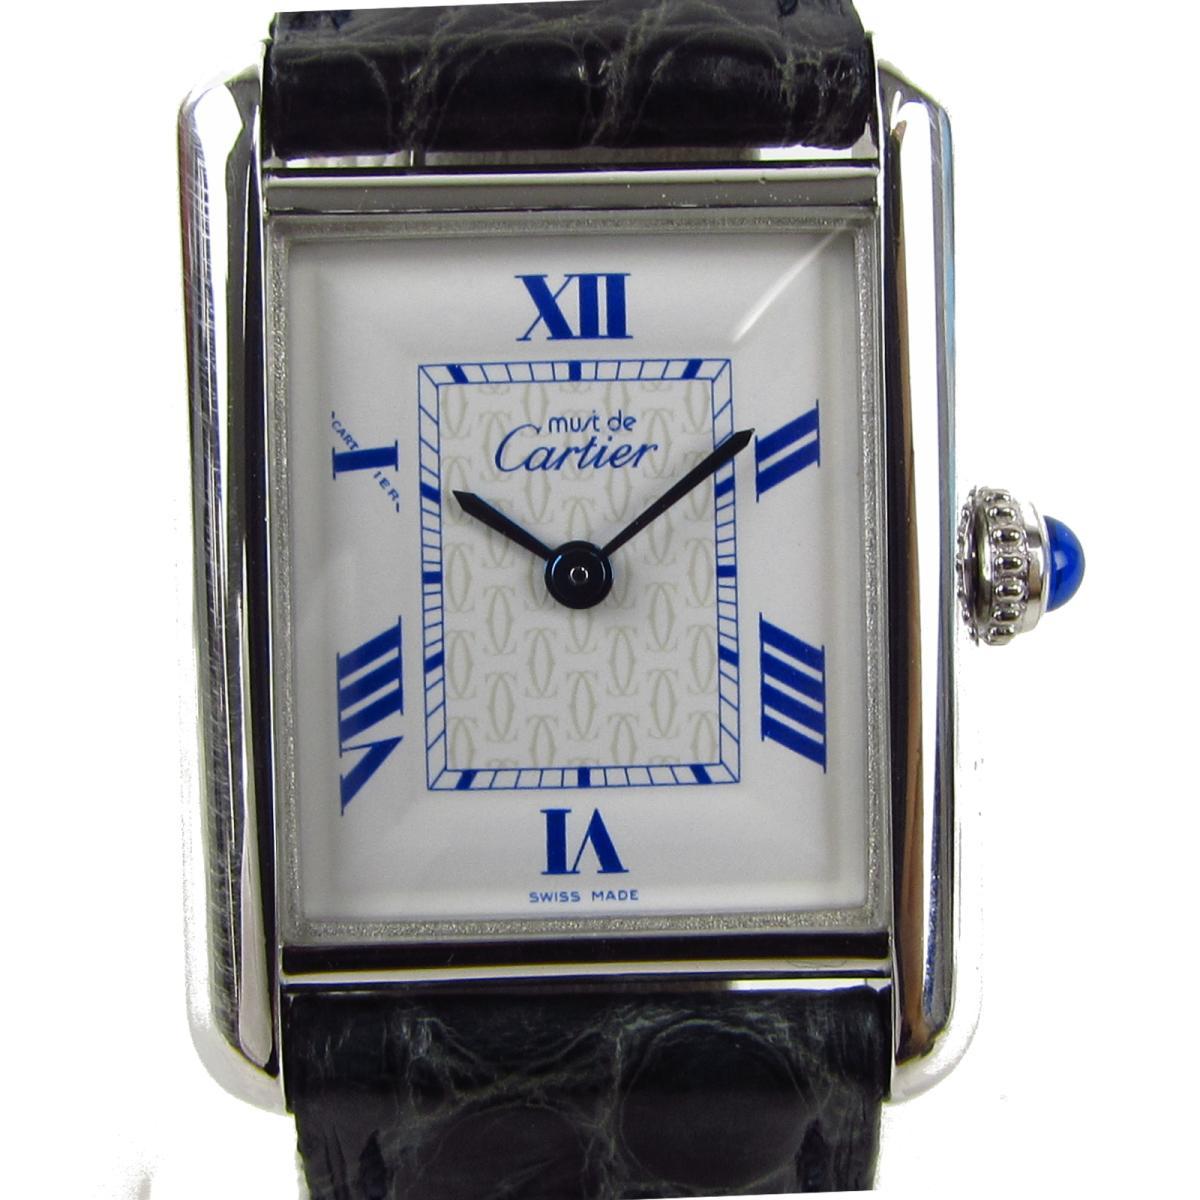 【中古】カルティエ マスト ウォッチ 腕時計 レディース 925 x メッキ クロコレザーベルト   Cartier BRANDOFF ブランドオフ ブランド ブランド時計 ブランド腕時計 時計